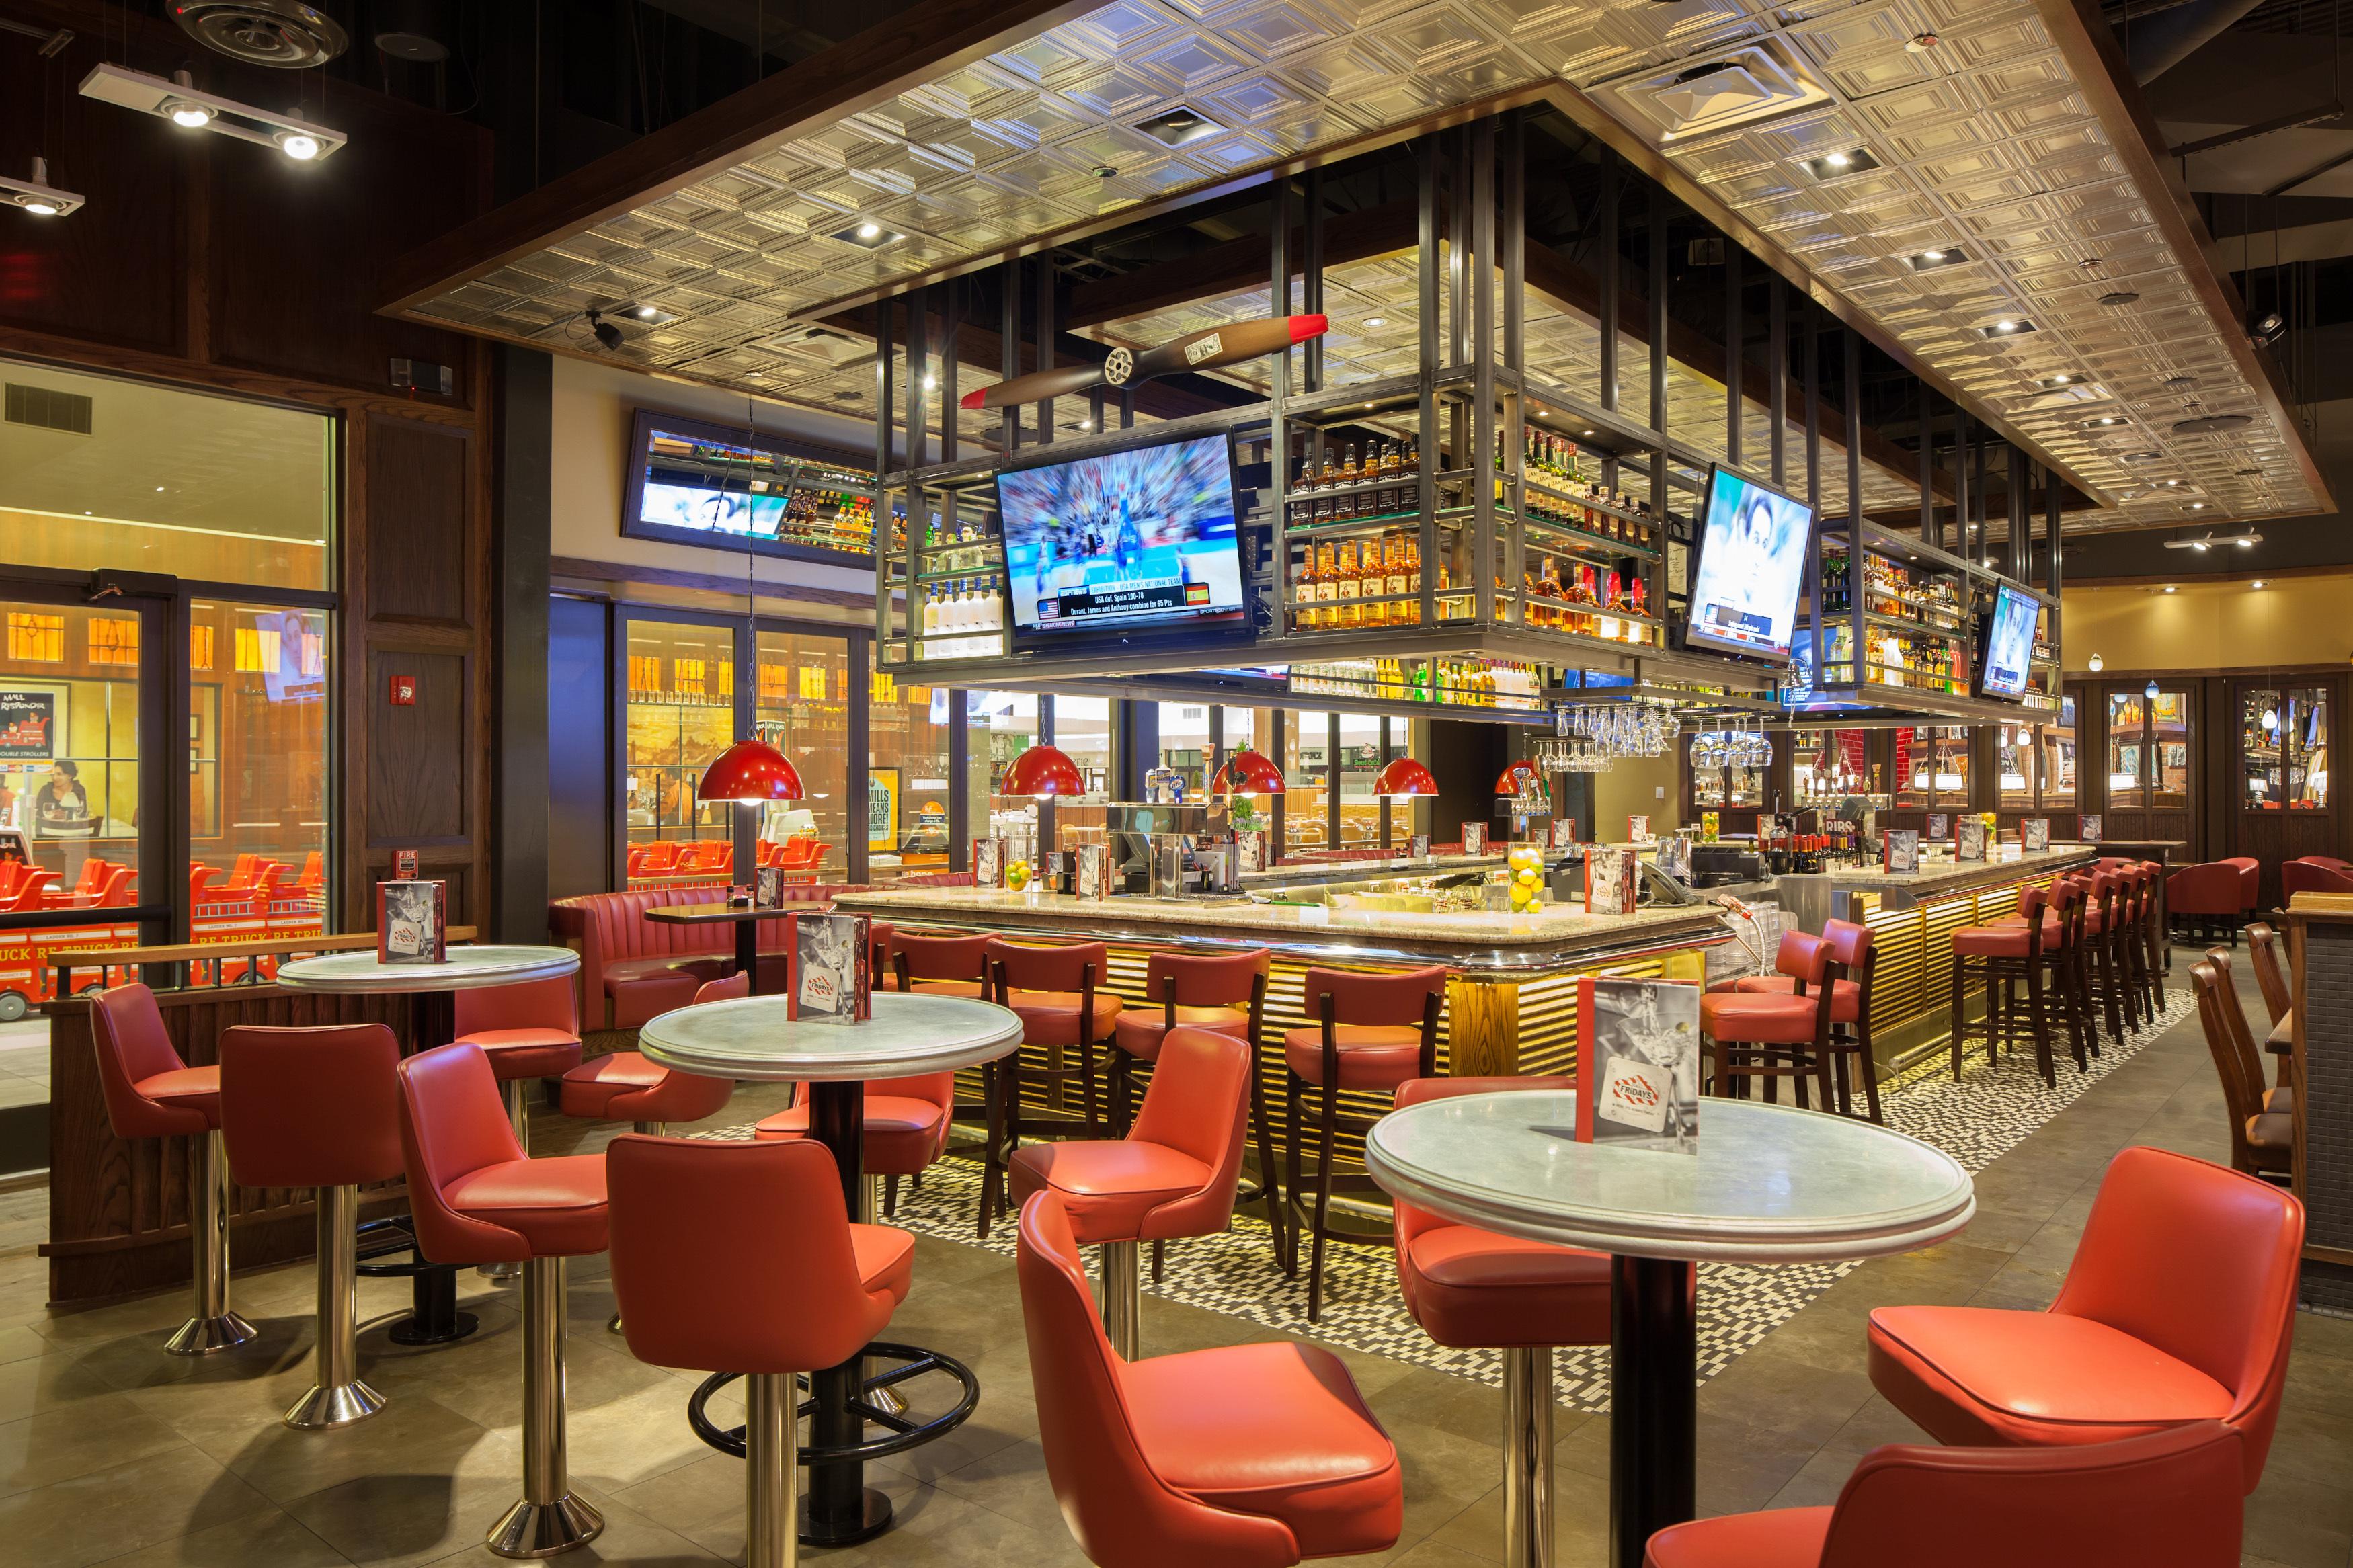 American restaurants design pixshark images